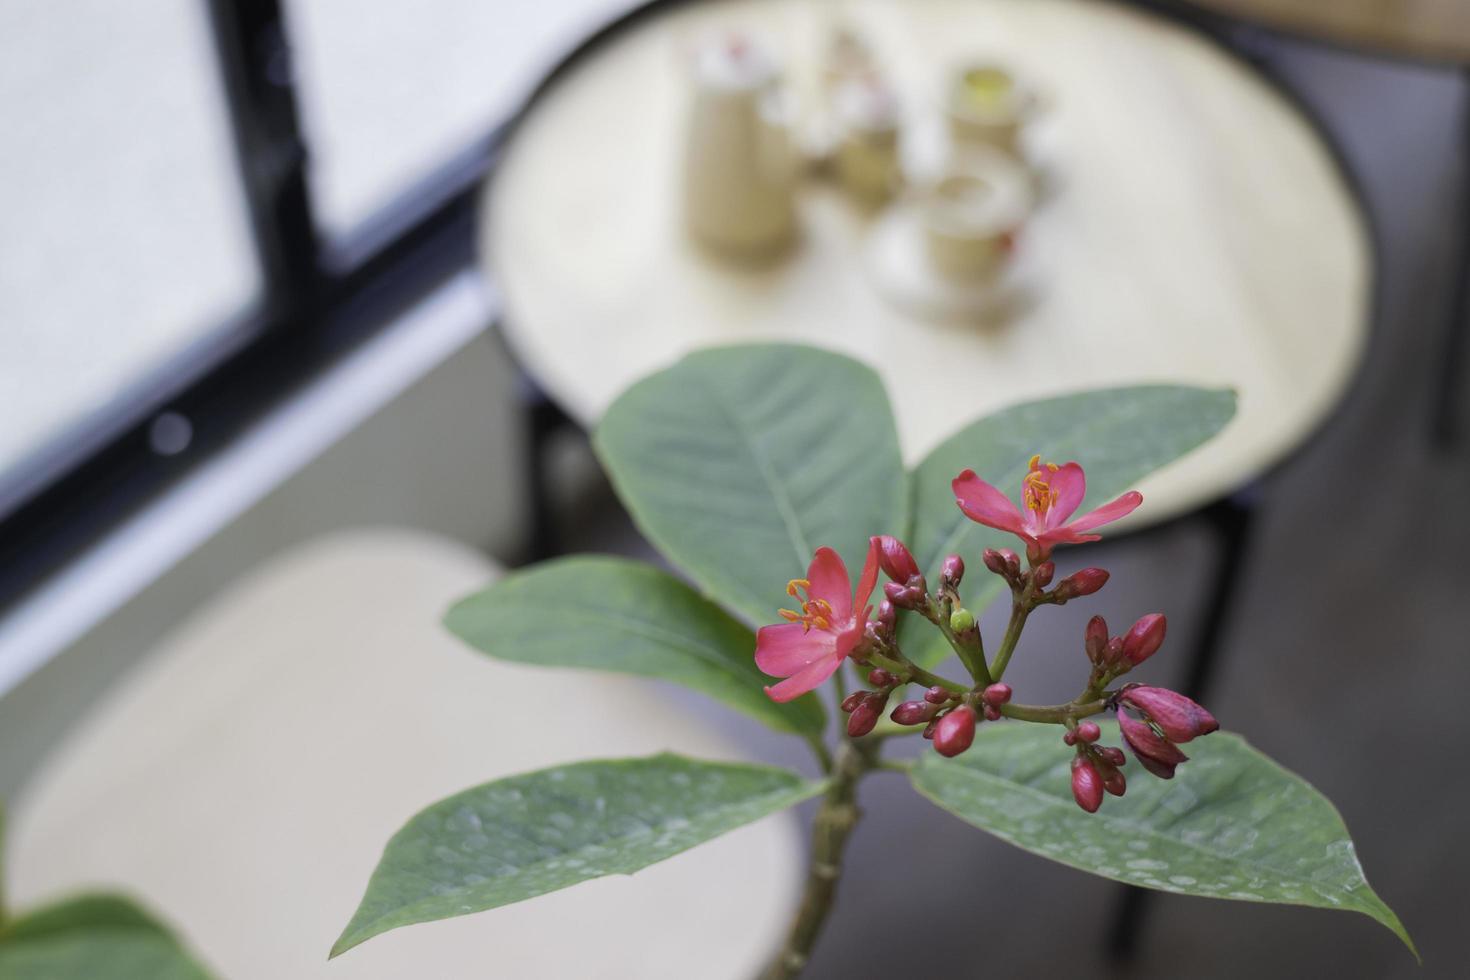 fleurs rouges sur une plante photo